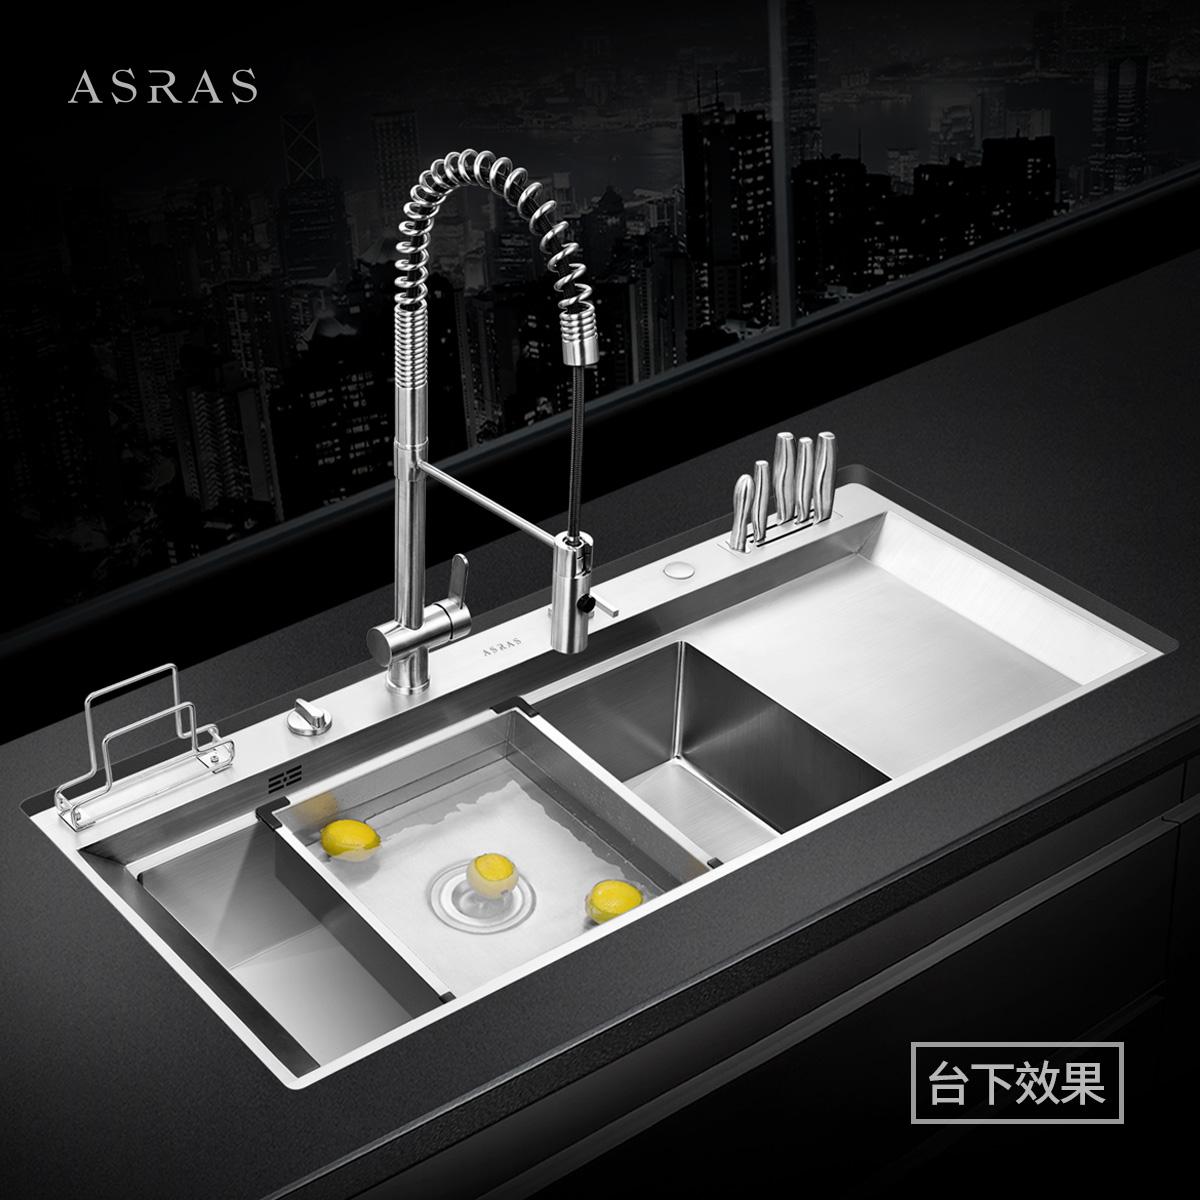 阿萨斯4MM加厚304不锈钢手工水槽套餐大单槽厨房洗菜盆带解冻板